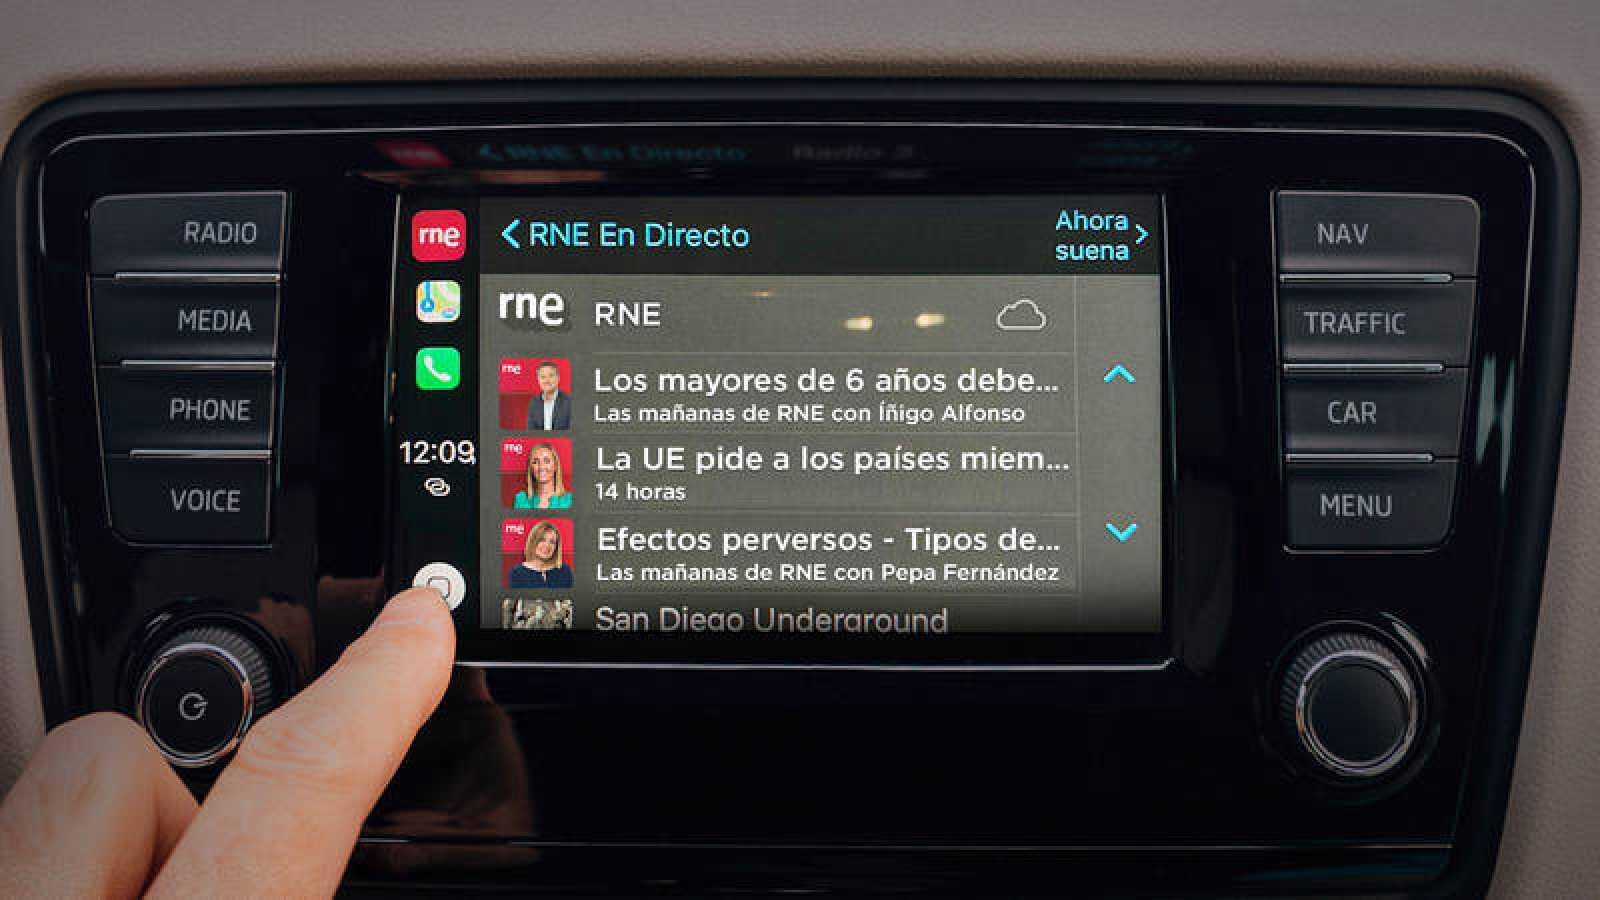 Imagen de la aplicación RNE en un coche compatible con Android Auto.